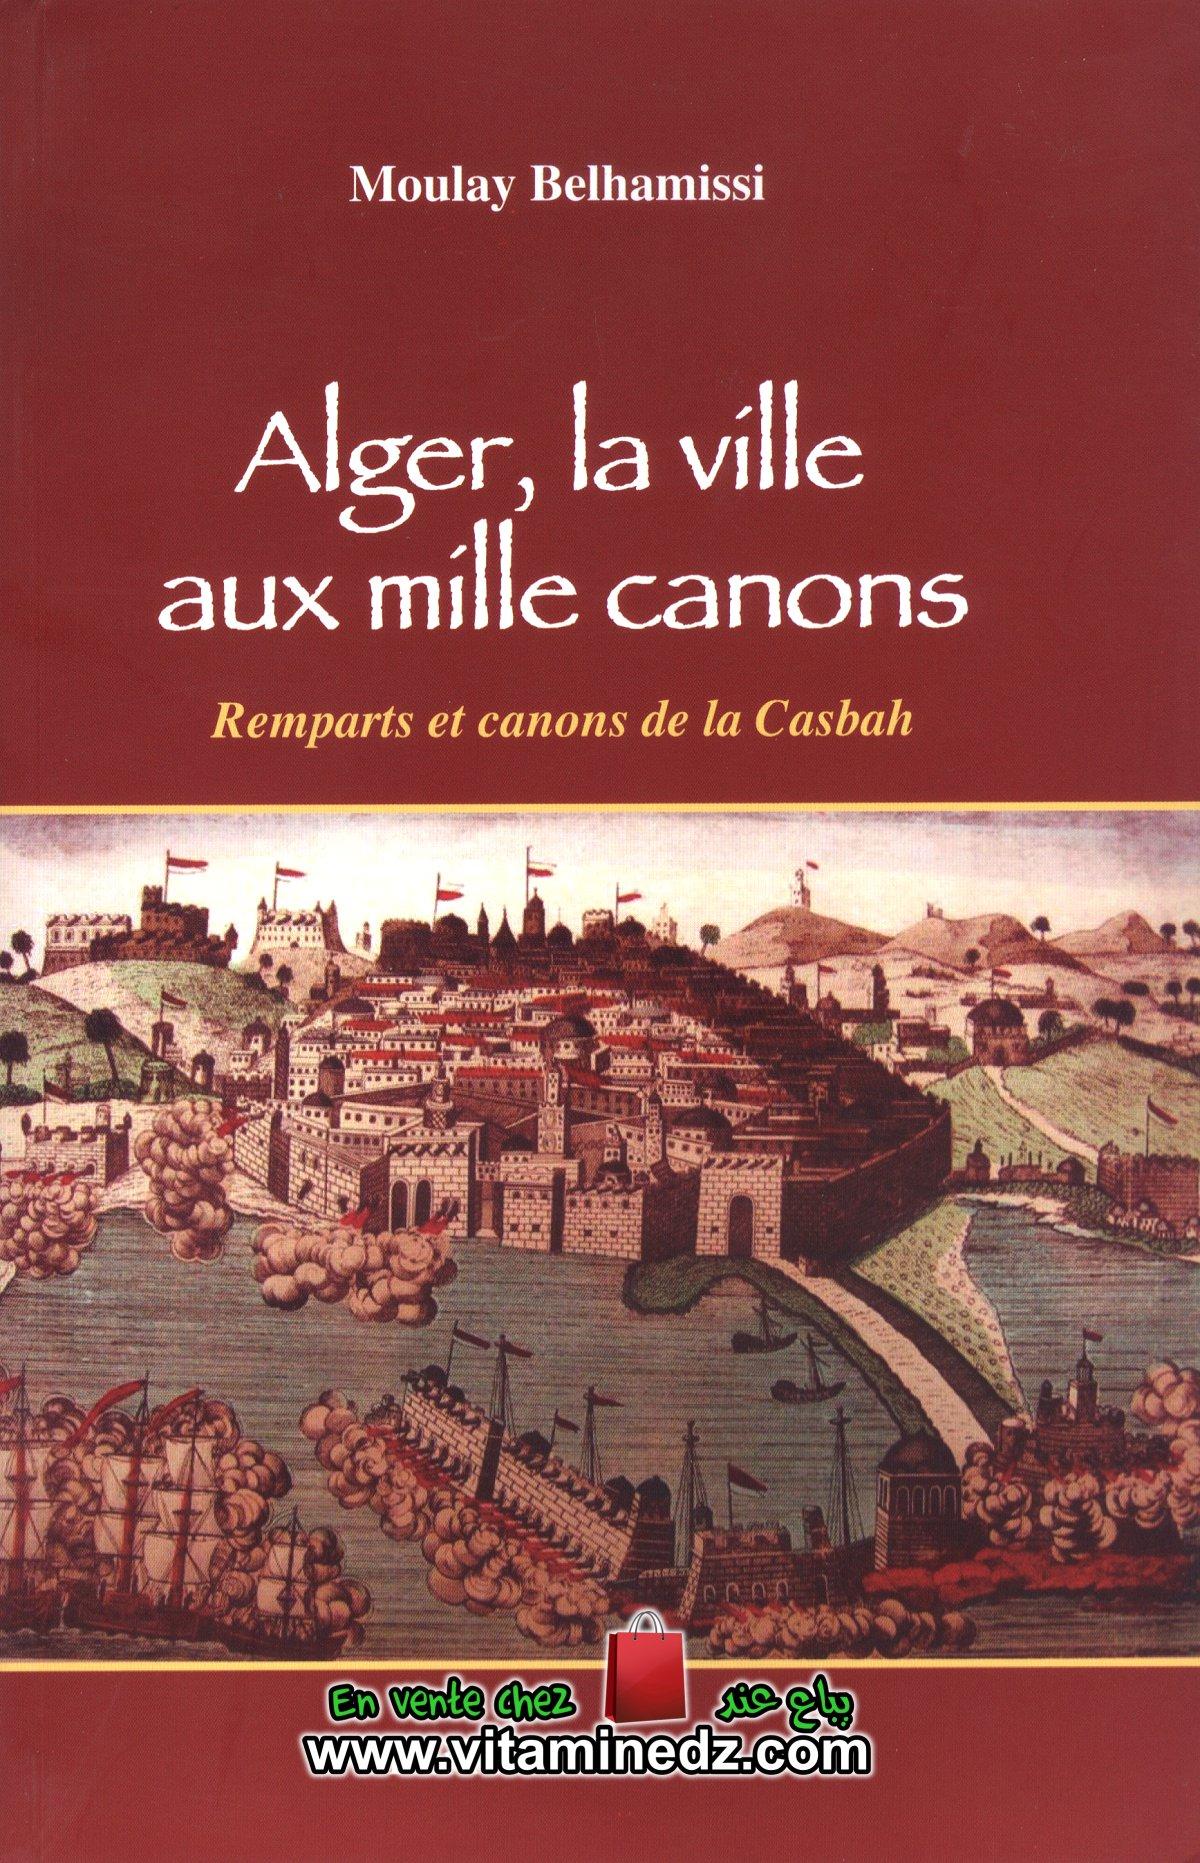 Moulay Belhamissi - Alger, la ville aux mille canons